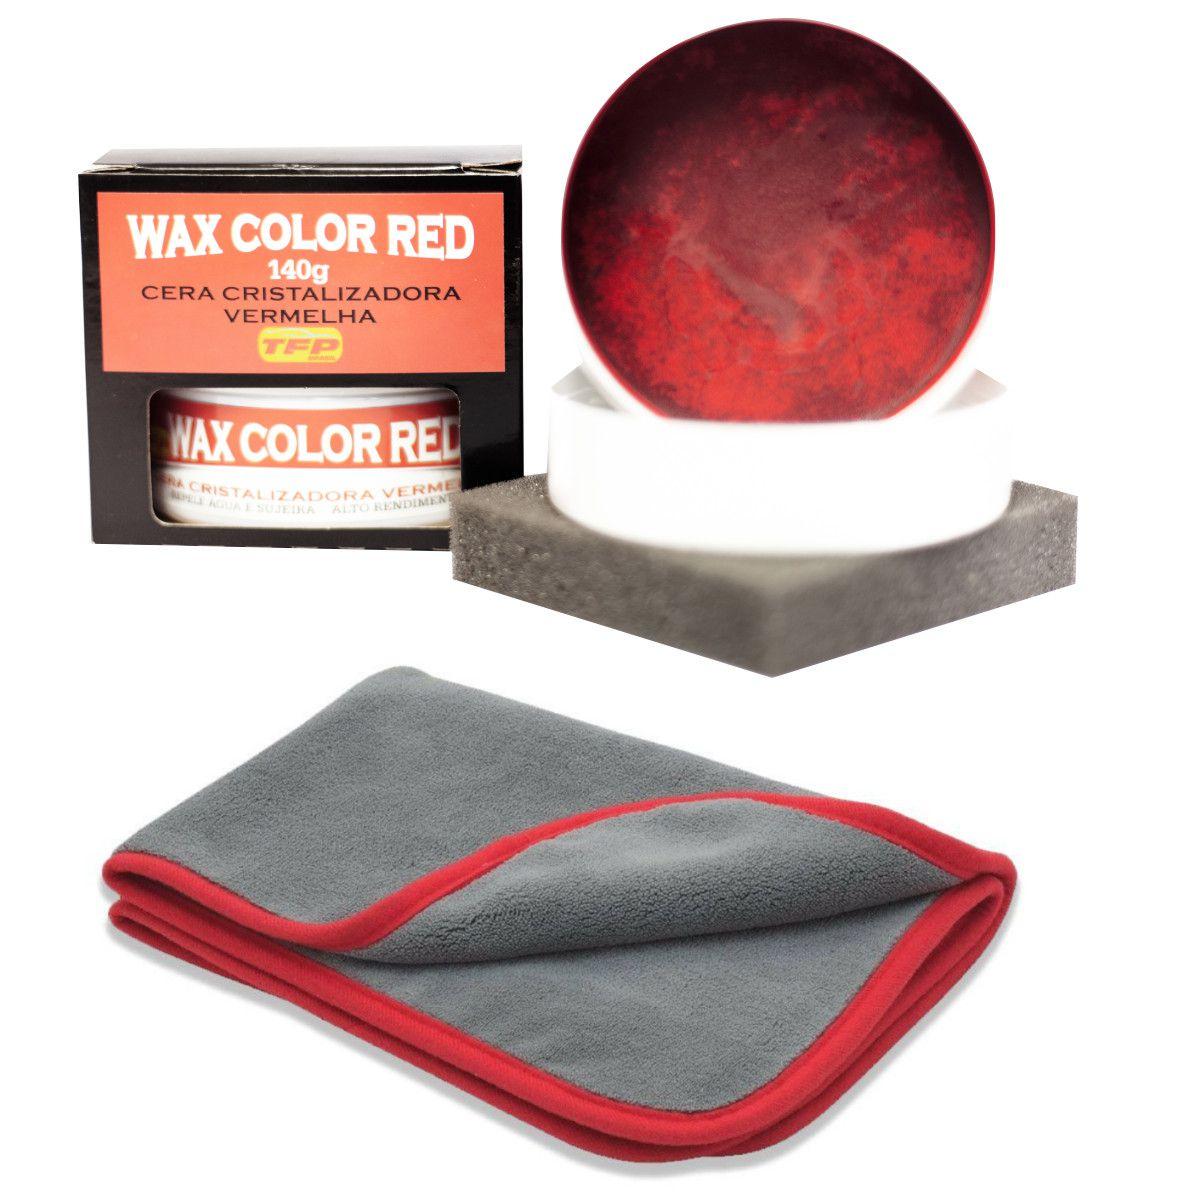 Cera Cristalizadora P/ Carros Vermelhos Wax Color Red + Flanela Microfibra